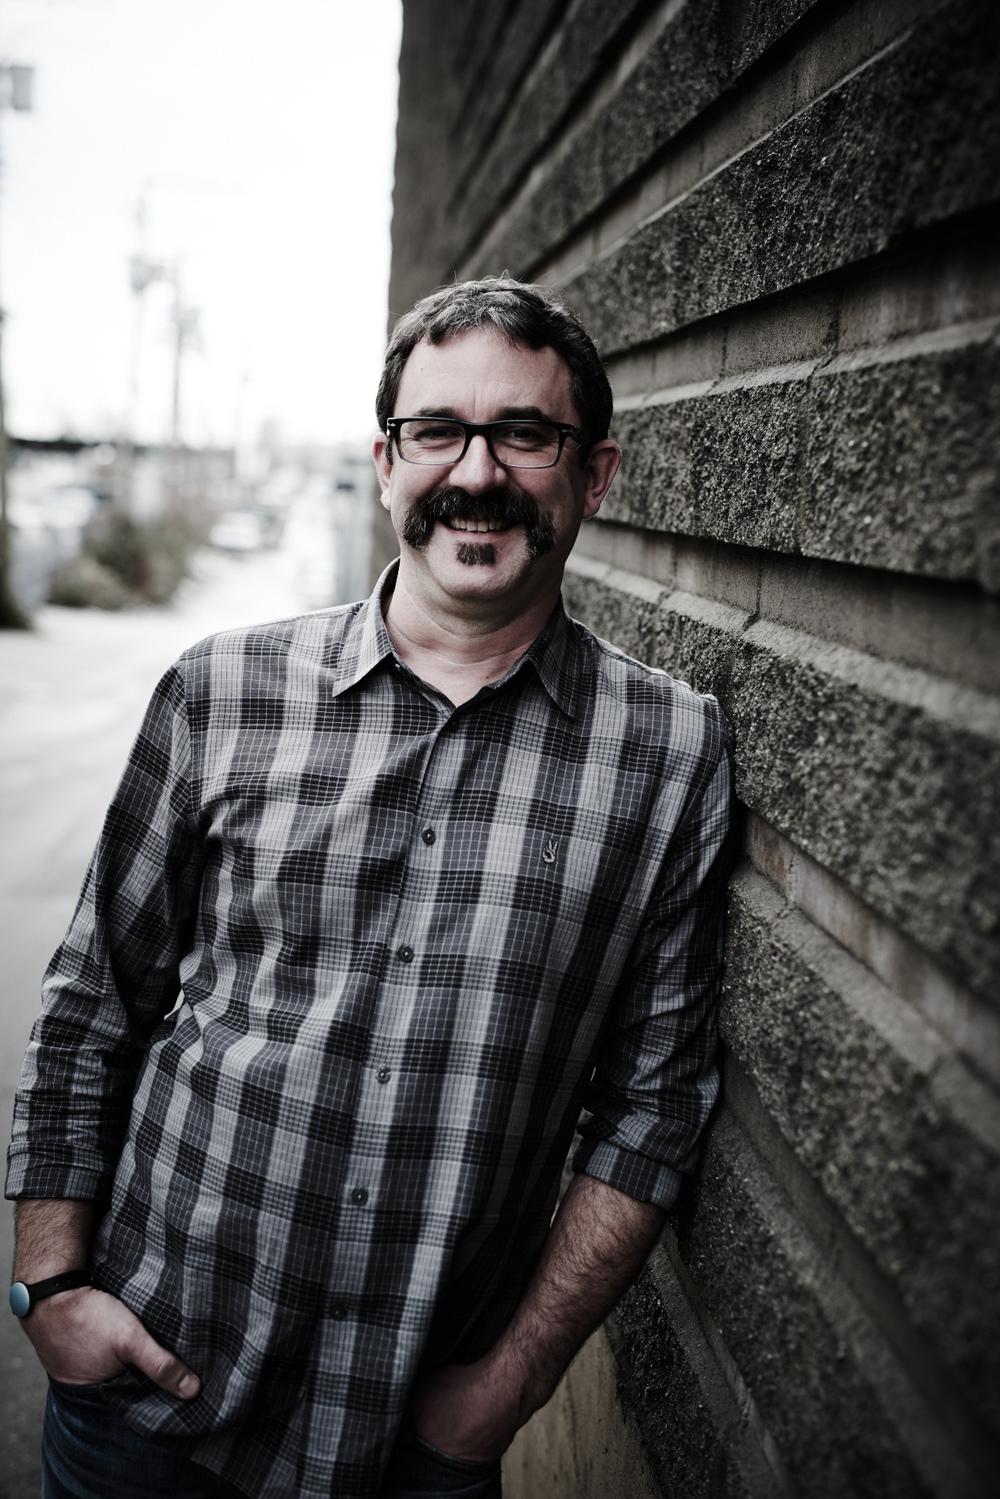 Prosthetist Dave Moe